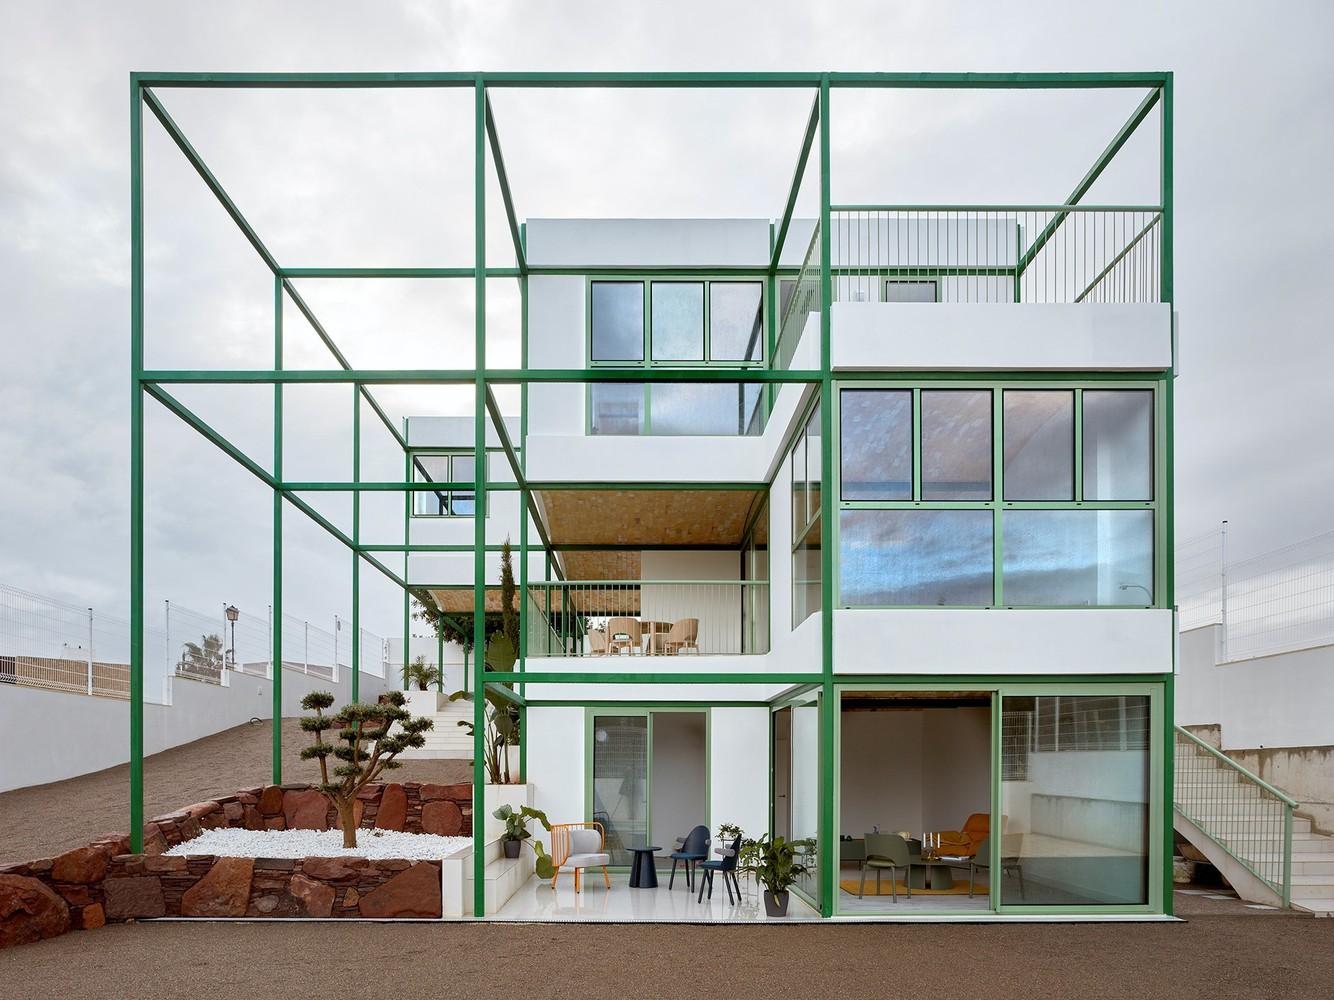 Tendencias en diseño y construcción del 2020: Lo recurrente, popular, relevante y sustancial,Brick Vault House / Space Popular. Image © Mariela Apollonio